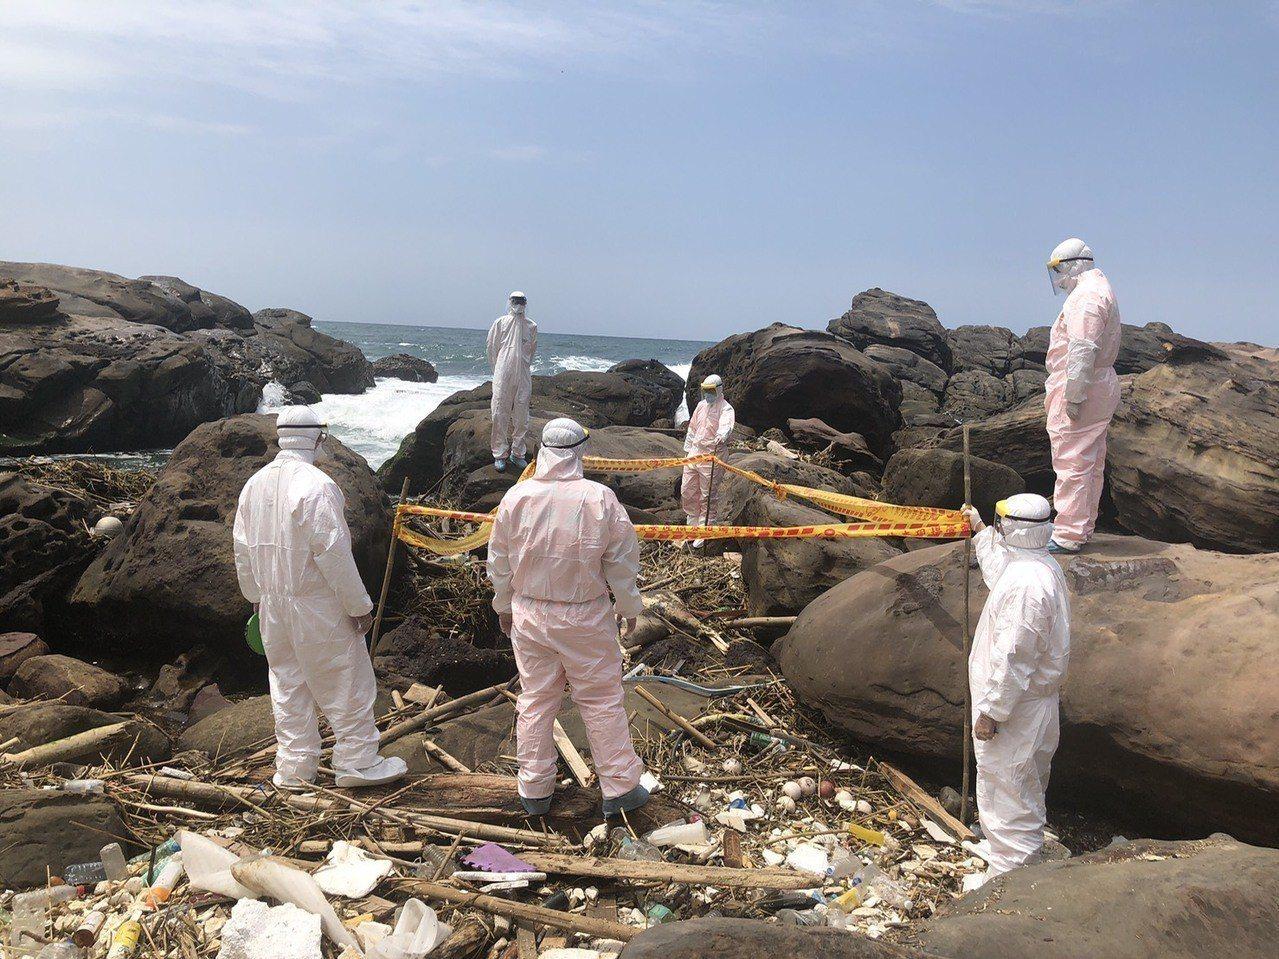 海巡署第2巡防區今天中午接獲民眾通報,東北角南雅奇岩埂海邊有疑似豬屍,安檢所人員...